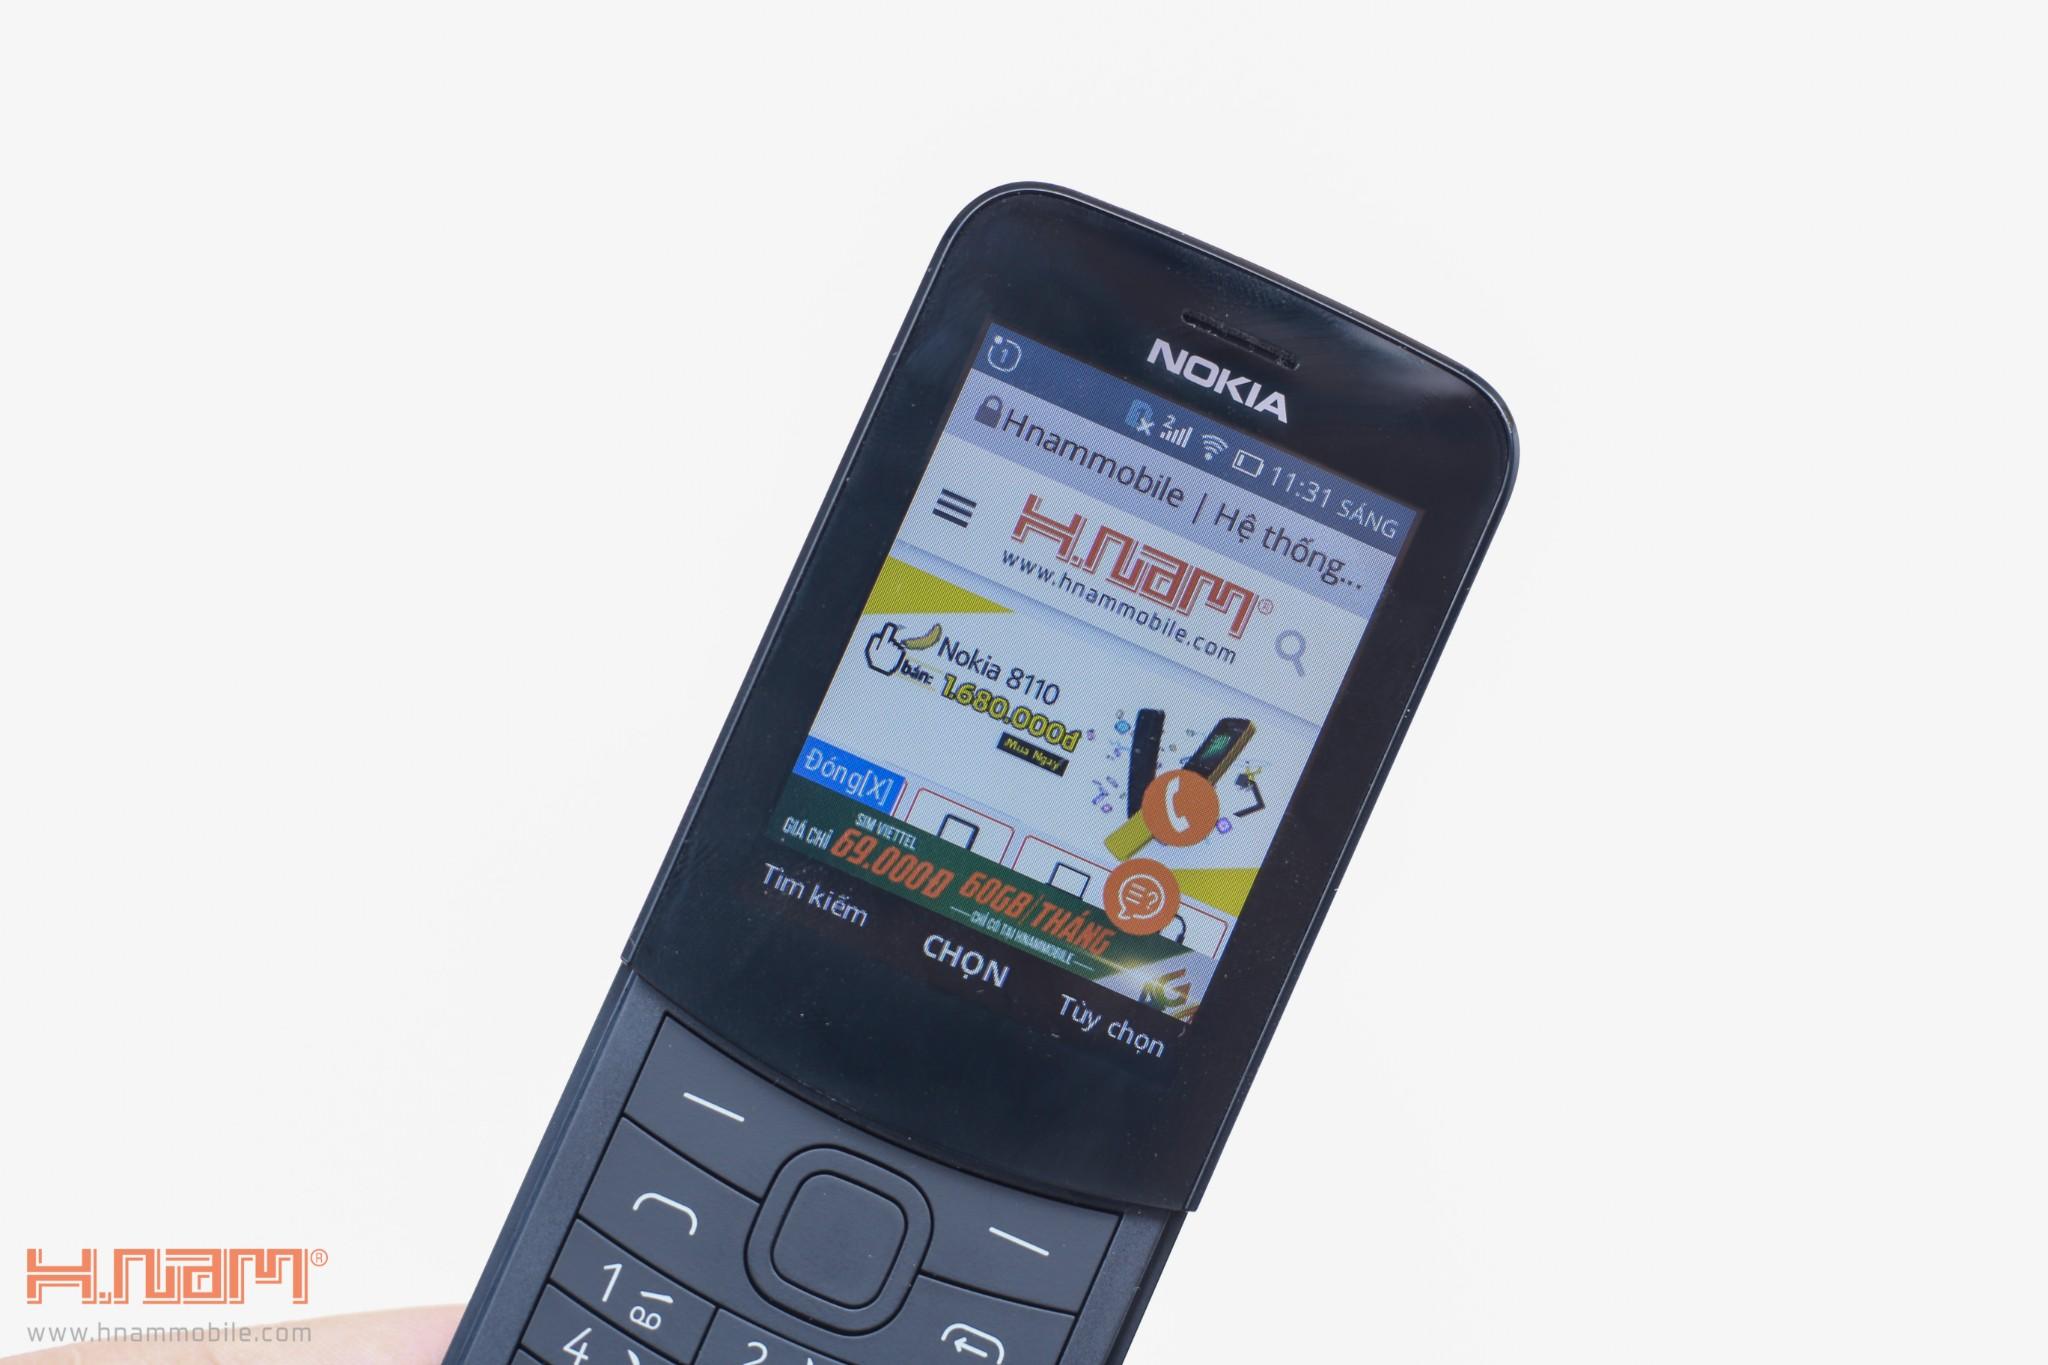 Trên tay Nokia 8110 chuối: Thiết kế siêu cute, phát 4G, giá 1.7 triệu đồng hình 7